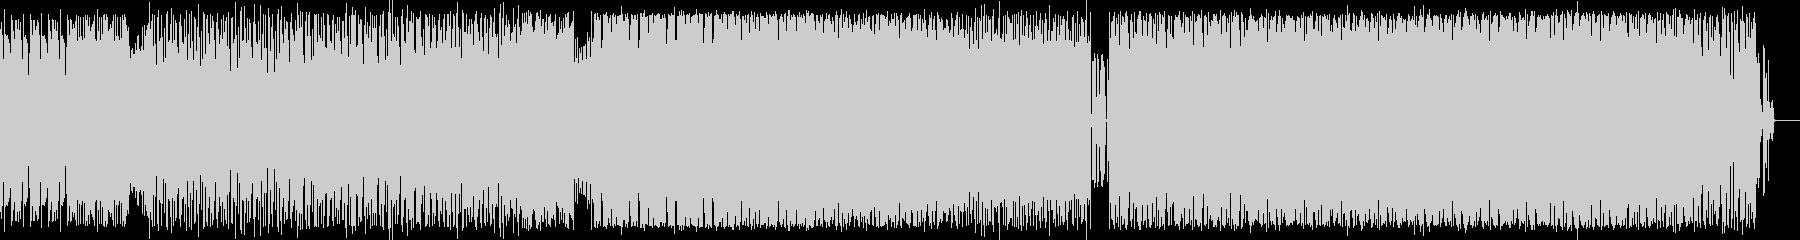 ダークなトランスの未再生の波形